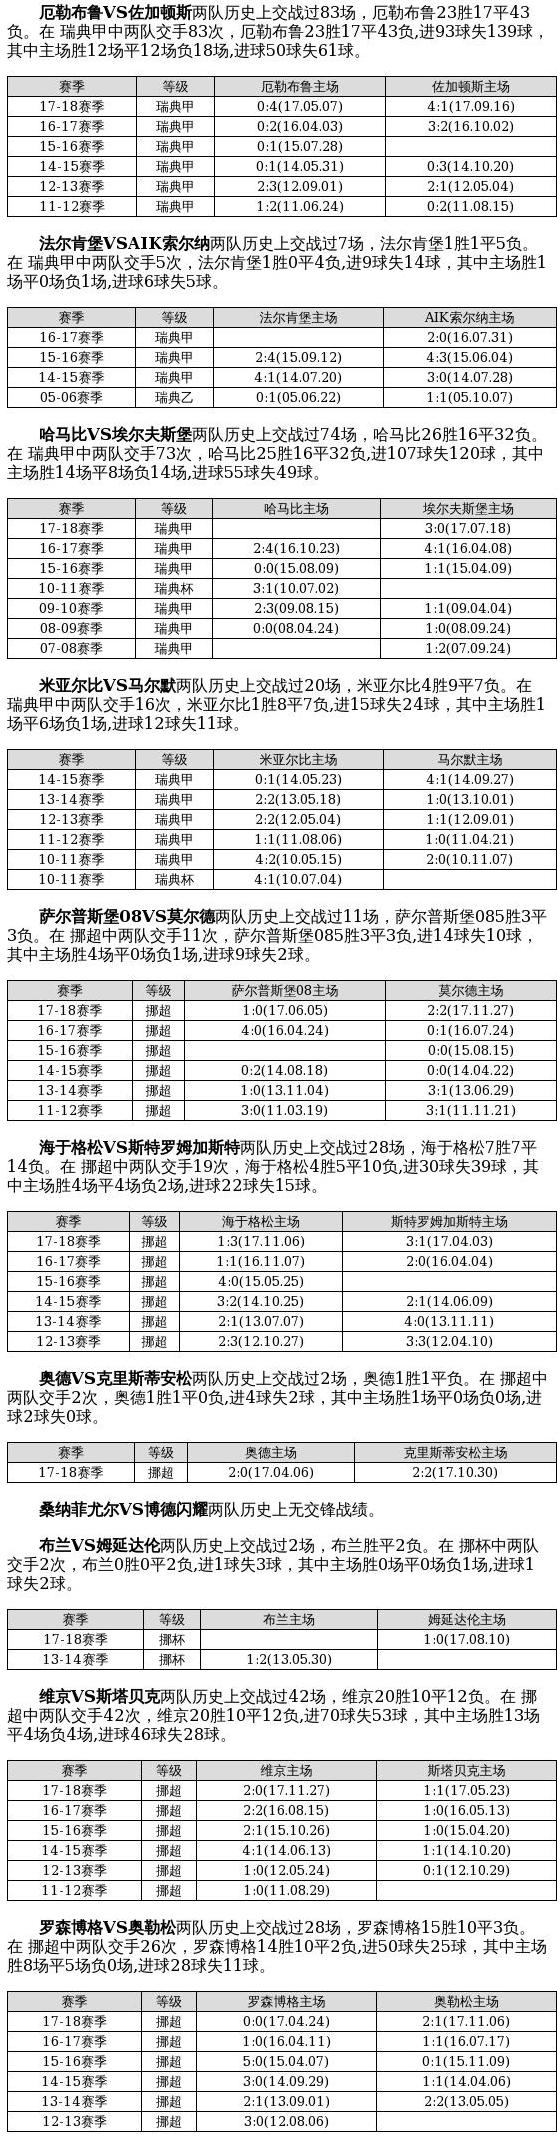 中国足球彩票20023期胜负游戏14场交战记录